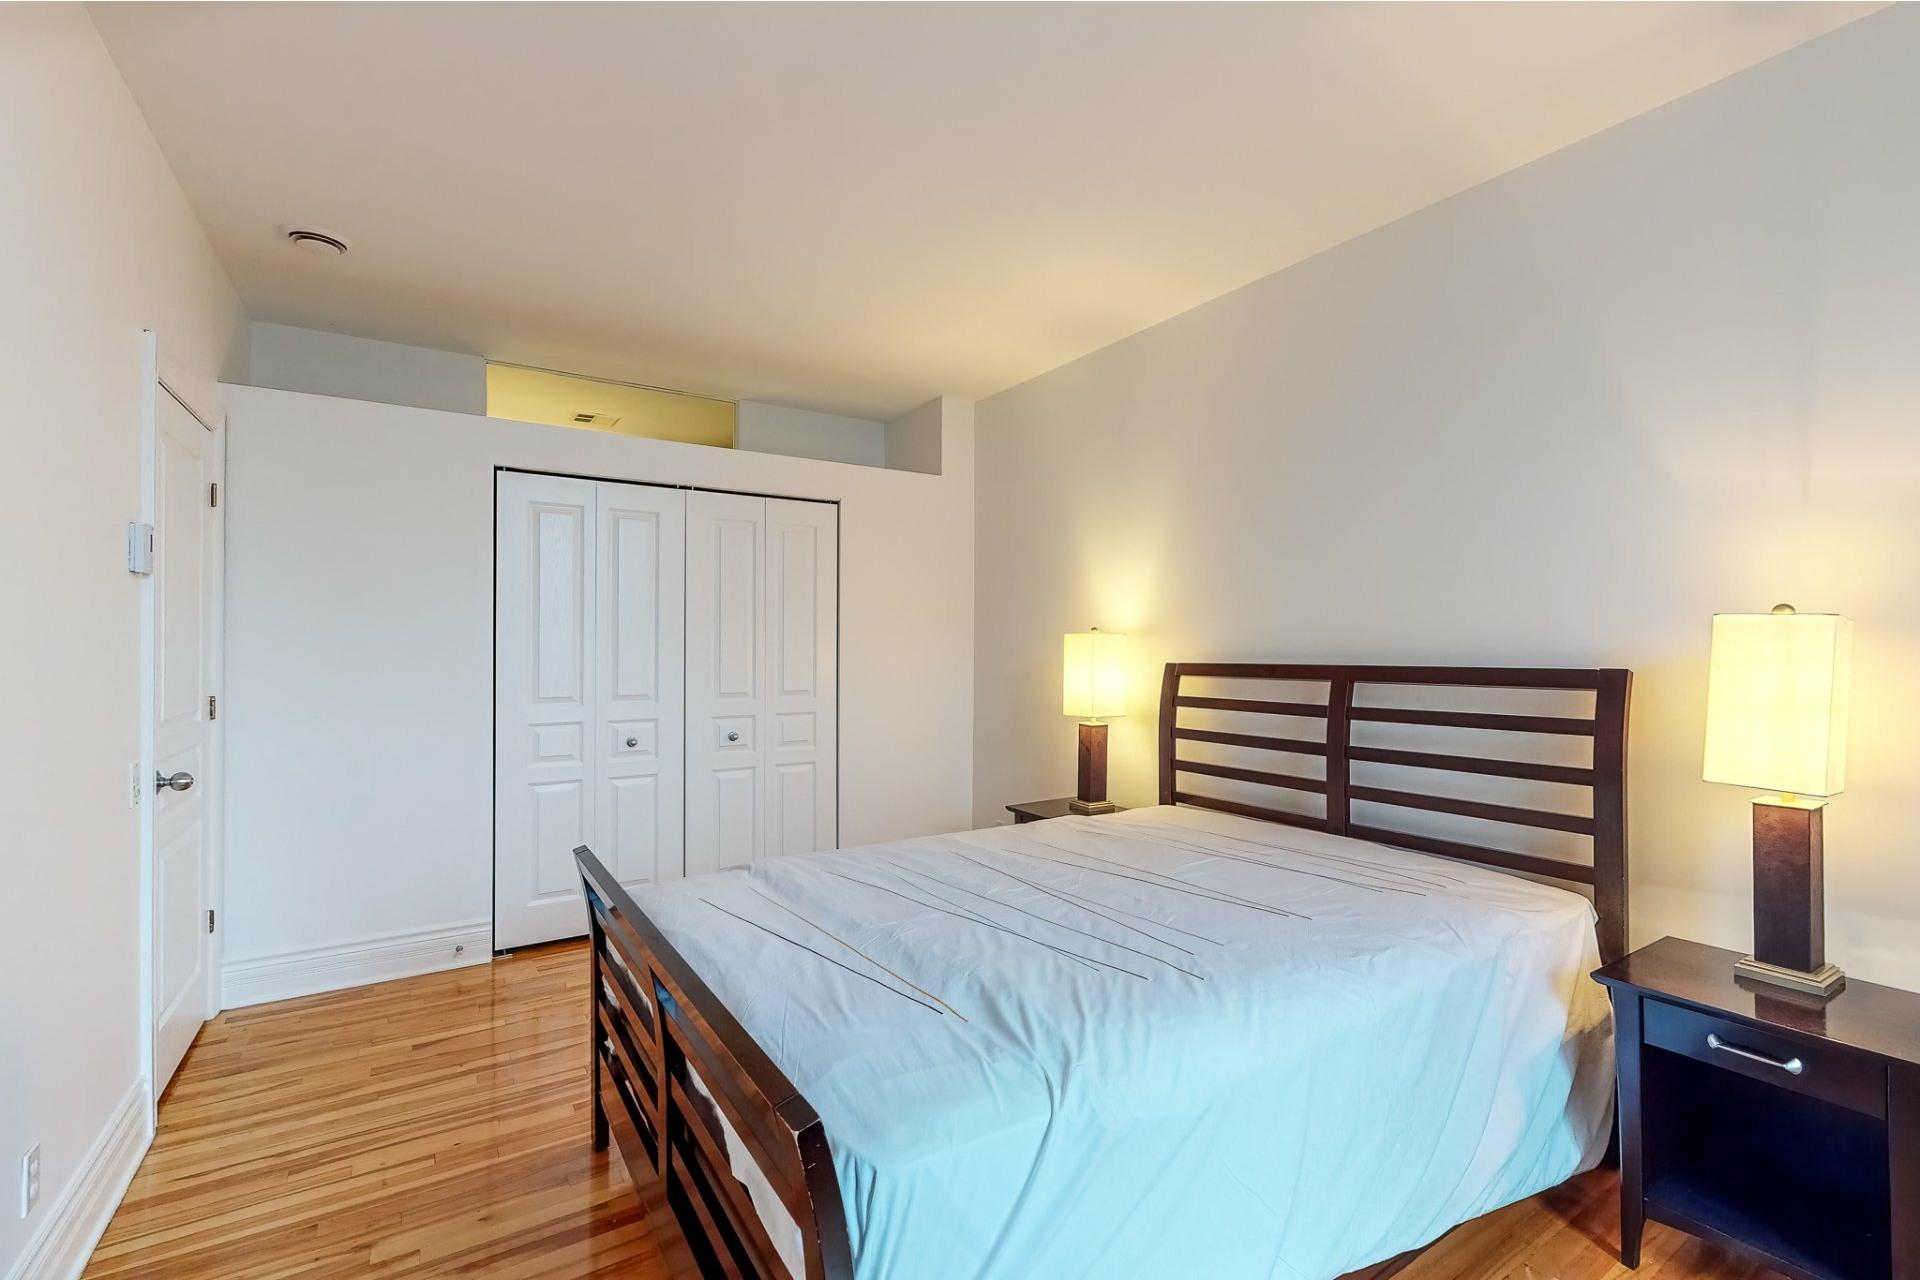 image 11 - Appartement À louer Le Plateau-Mont-Royal Montréal  - 5 pièces